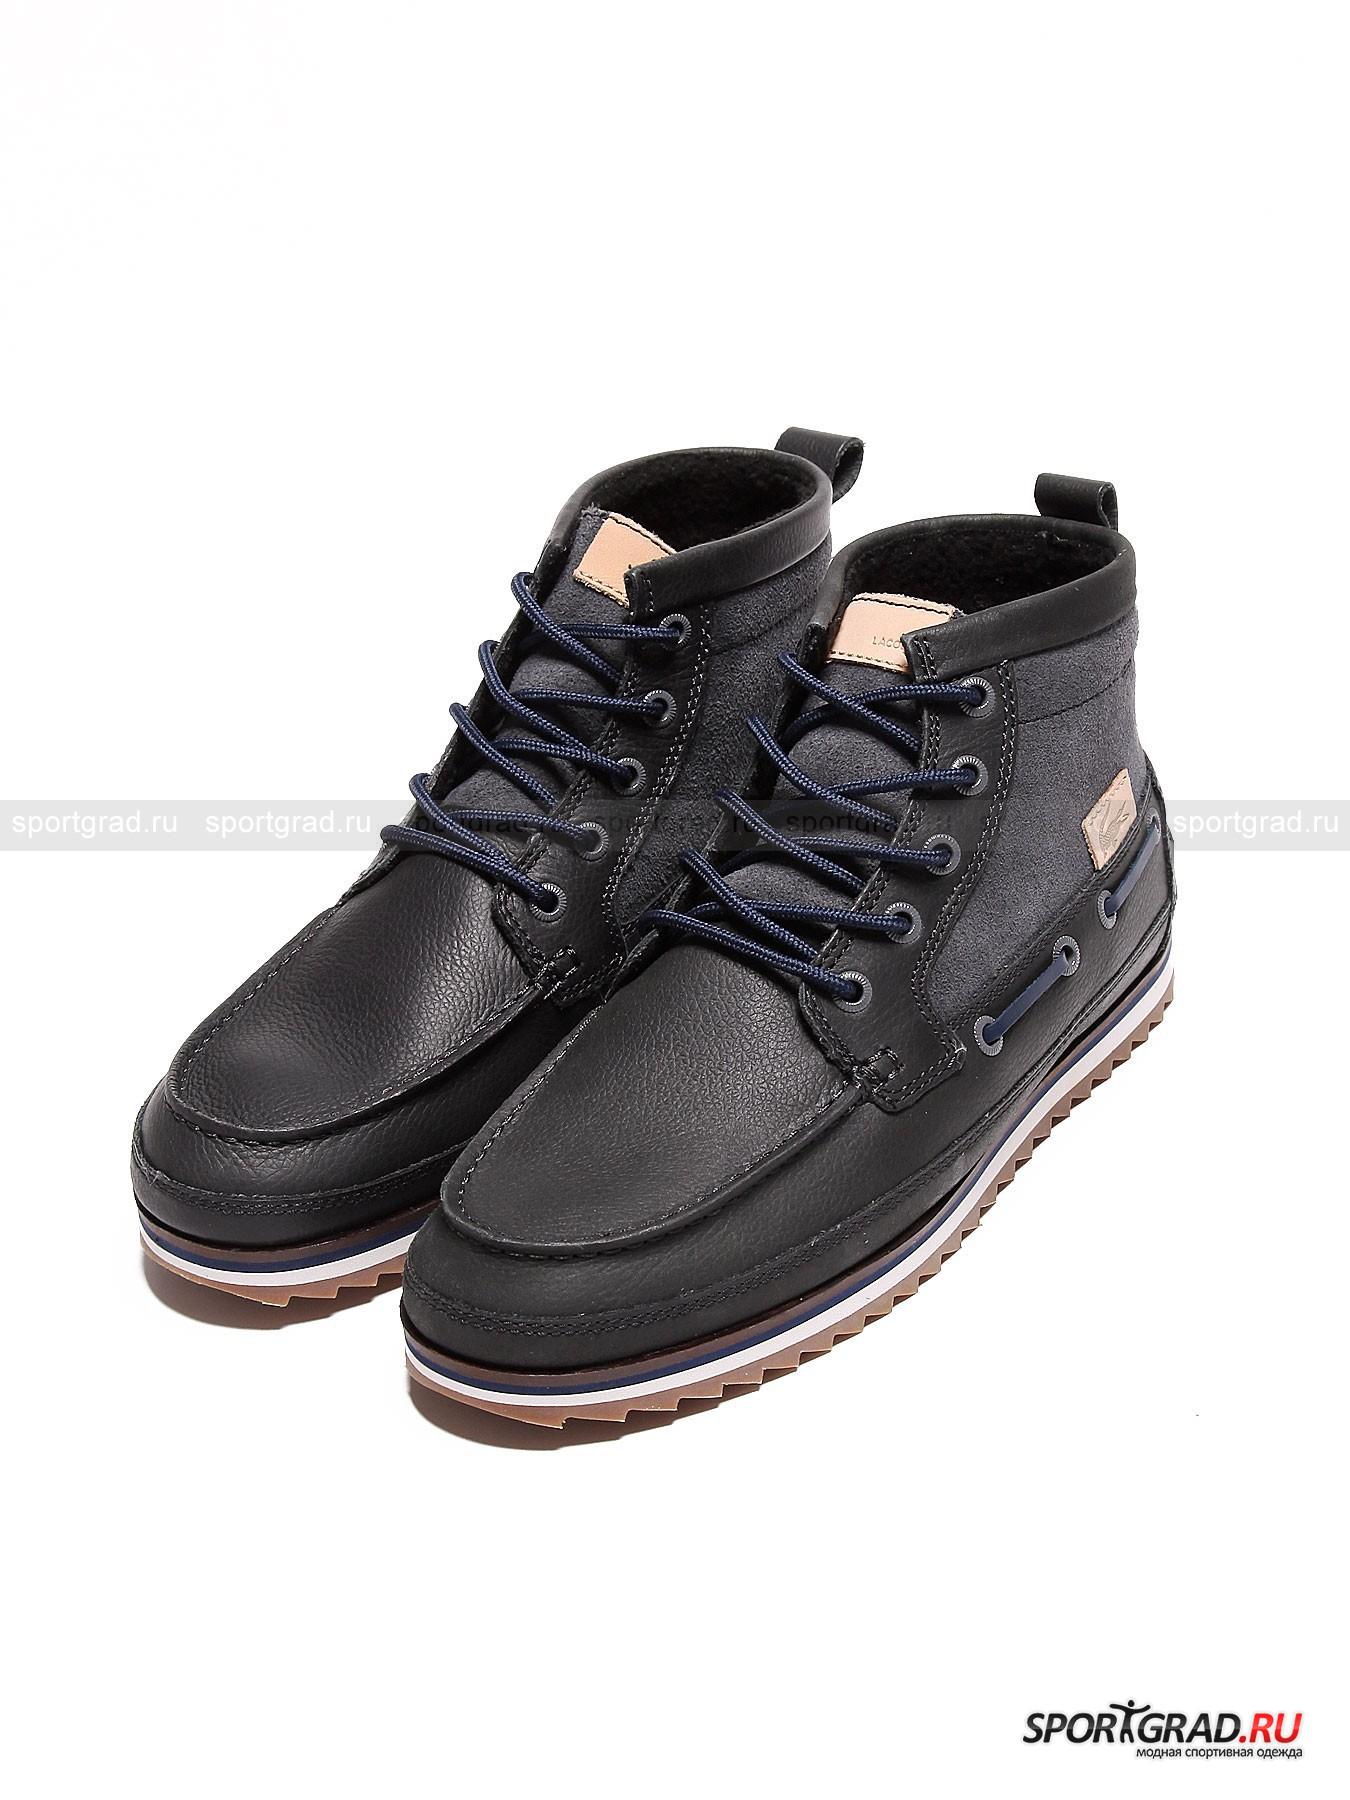 Ботинки мужские с мехом Sauville Mid 8 SRM LACOSTEБотинки<br>Оригинальная модель мужских ботинок Sauville Mid 8 SRM Lacoste представляет собой удивительный симбиоз добротной и теплой обуви для холодного времен года и мокасин-топсайдеров, более привычных в летних образах. О топсайдерах напоминают характерные особенности дизайна: прострочка носа, волнистая подошва и кожаный шнурок, протянутый по бокам.  Внутри ботинки утеплены искусственным мехом. Кожа, из которой они сделаны, невероятно мягкая, она точно не сможет натереть ноги. Технологичная стелька Ortholite обеспечит отсутствие неприятного запаха и хорошую амортизацию.<br><br>Особенности модели:<br>- уплотненная пятка;<br>- шнуровка;<br>- «язычок» из замши, украшенный нашивкой с надписью Lacoste;<br>- фирменный логотип на боку.<br><br>Пол: Мужской<br>Возраст: Взрослый<br>Тип: Ботинки<br>Рекомендации по уходу: Стандартный уход за кожаной обувью. Нельзя мыть водой<br>Состав: Натуральная кожа, замша. Внутри искуственный мех.